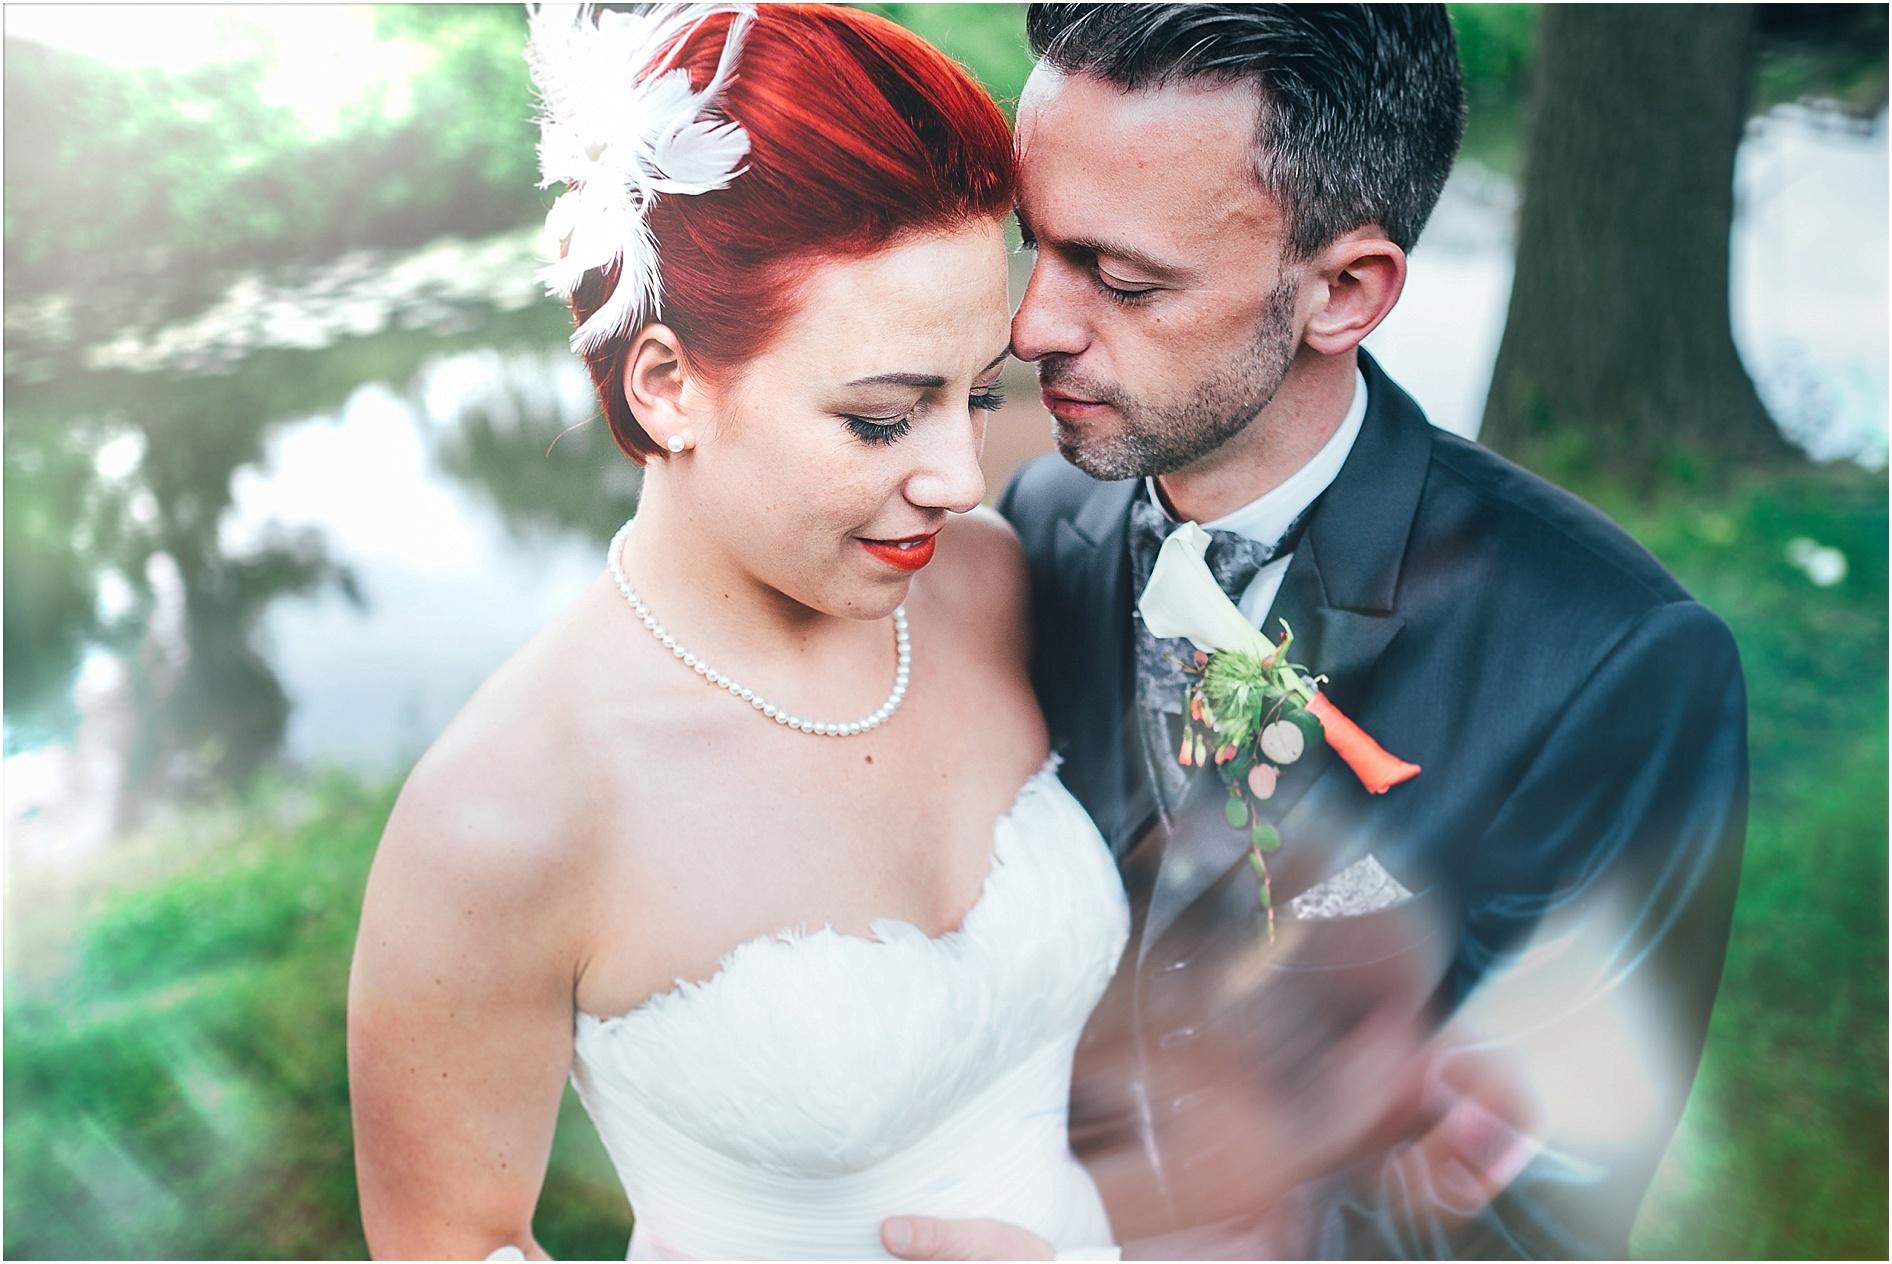 Tine & Chrischan – Hochzeitsfilm & Fotos in Lüneburg